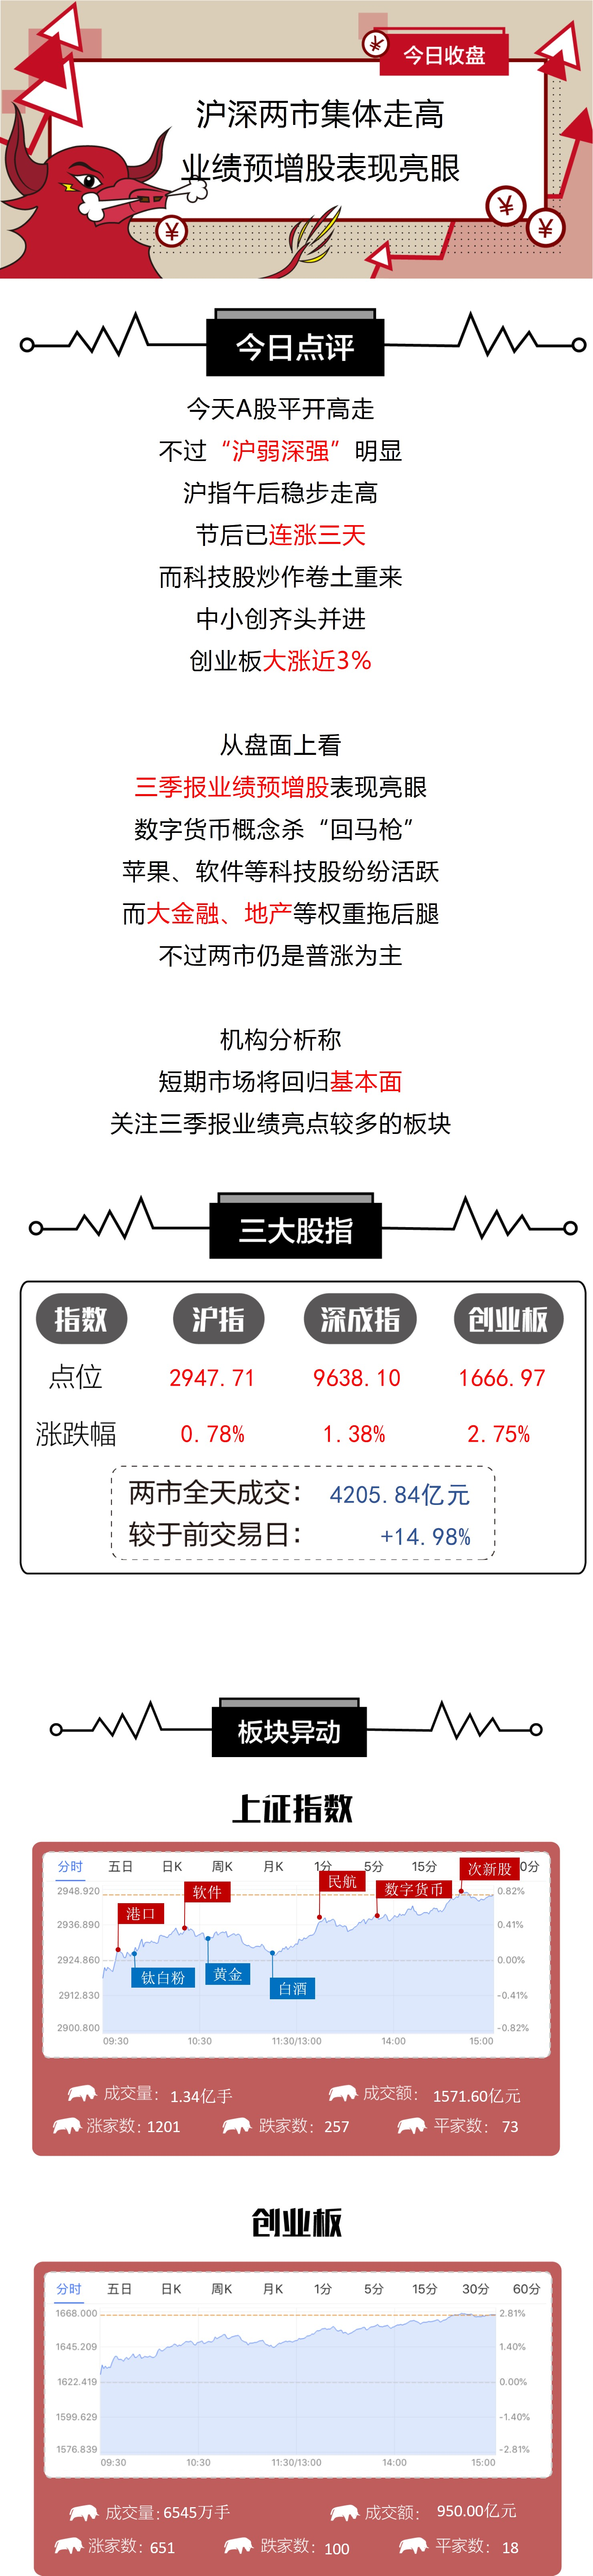 南京市委书记:逐步扩大人才房在商品房销售中的比例